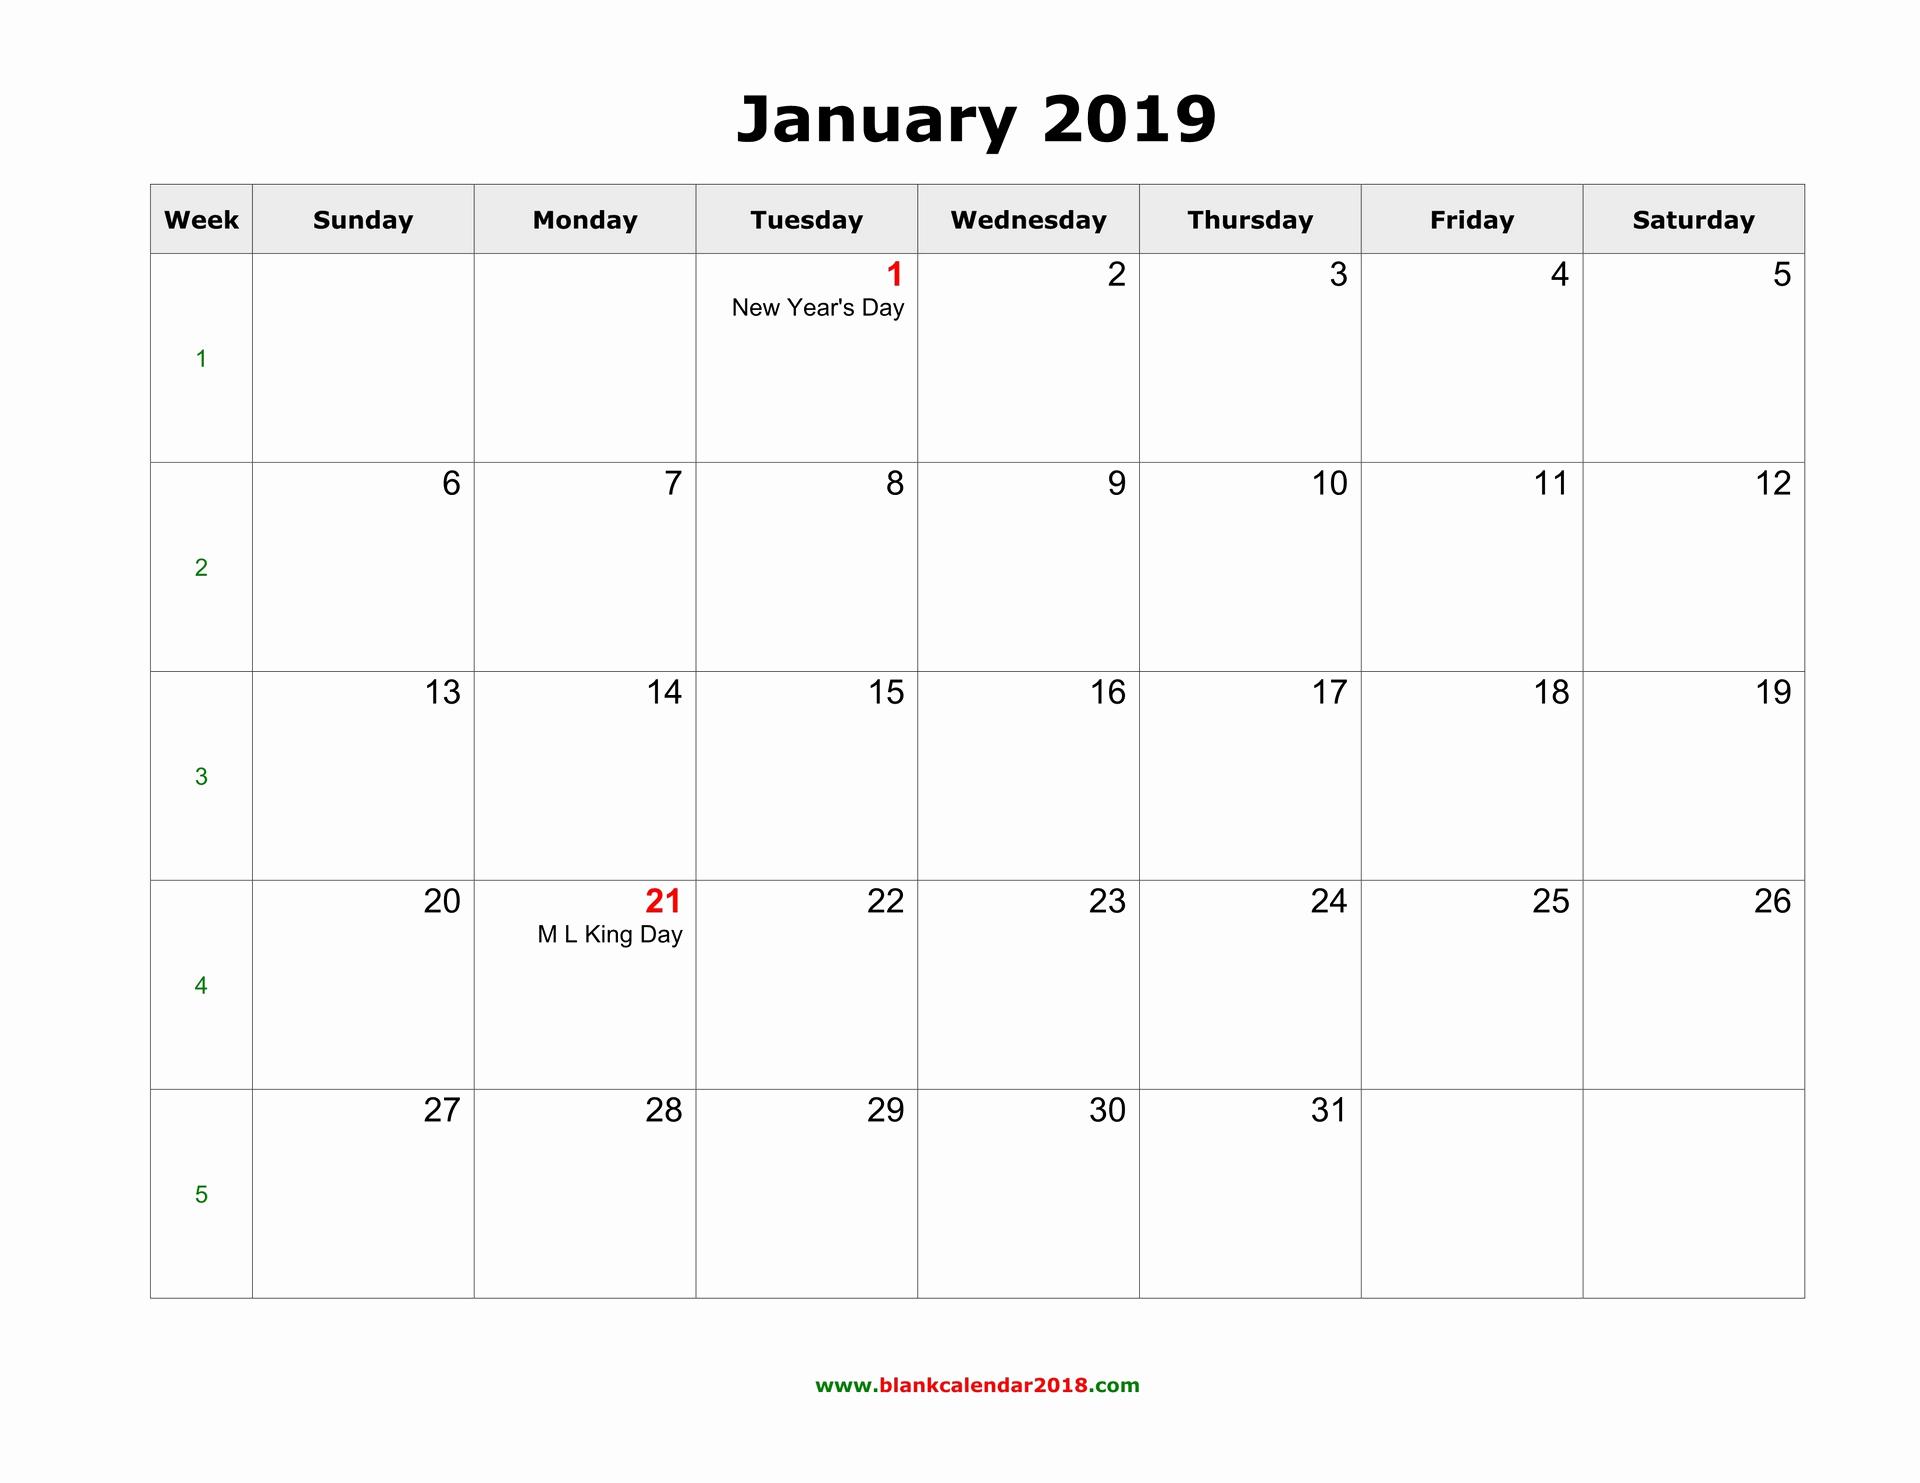 Monthly Calendar Template 2019 Beautiful Blank Calendar 2019